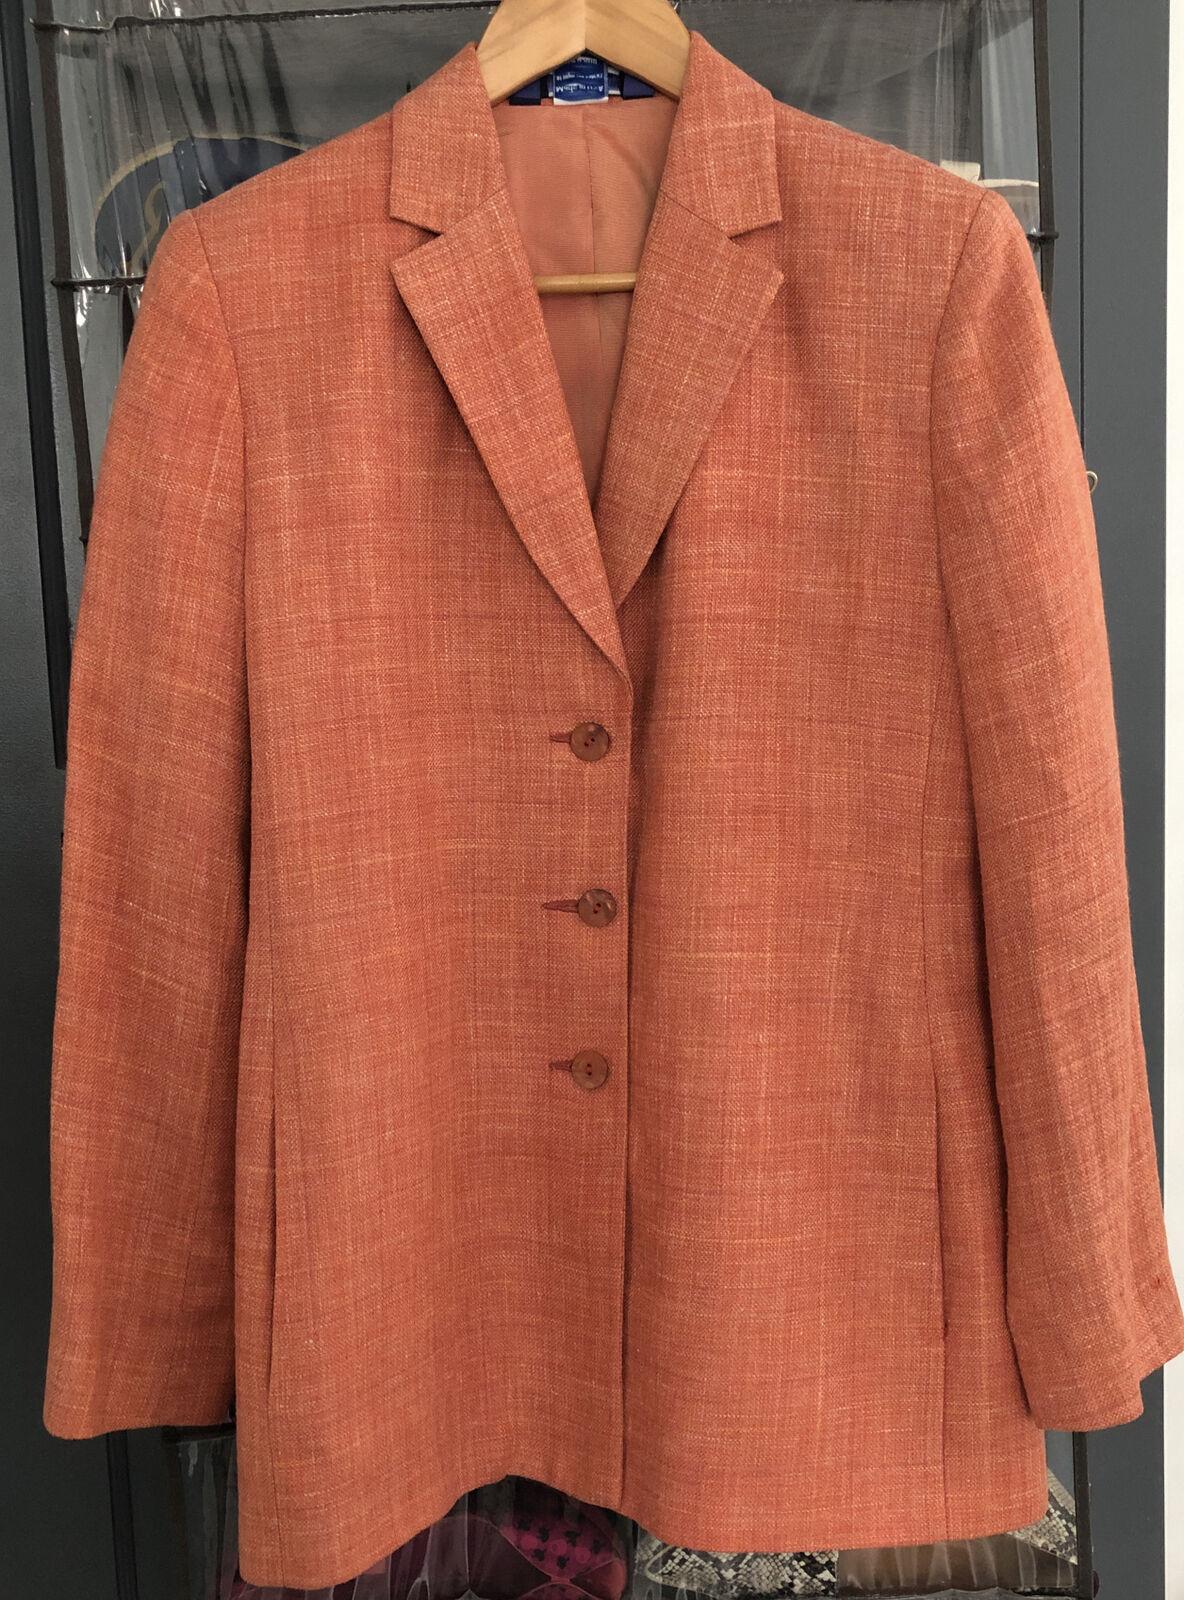 Kupit Austin Reed Womens Blazer With Pockets Size 8 Na Aukcion Iz Ameriki S Dostavkoj V Rossiyu Ukrainu Kazahstan